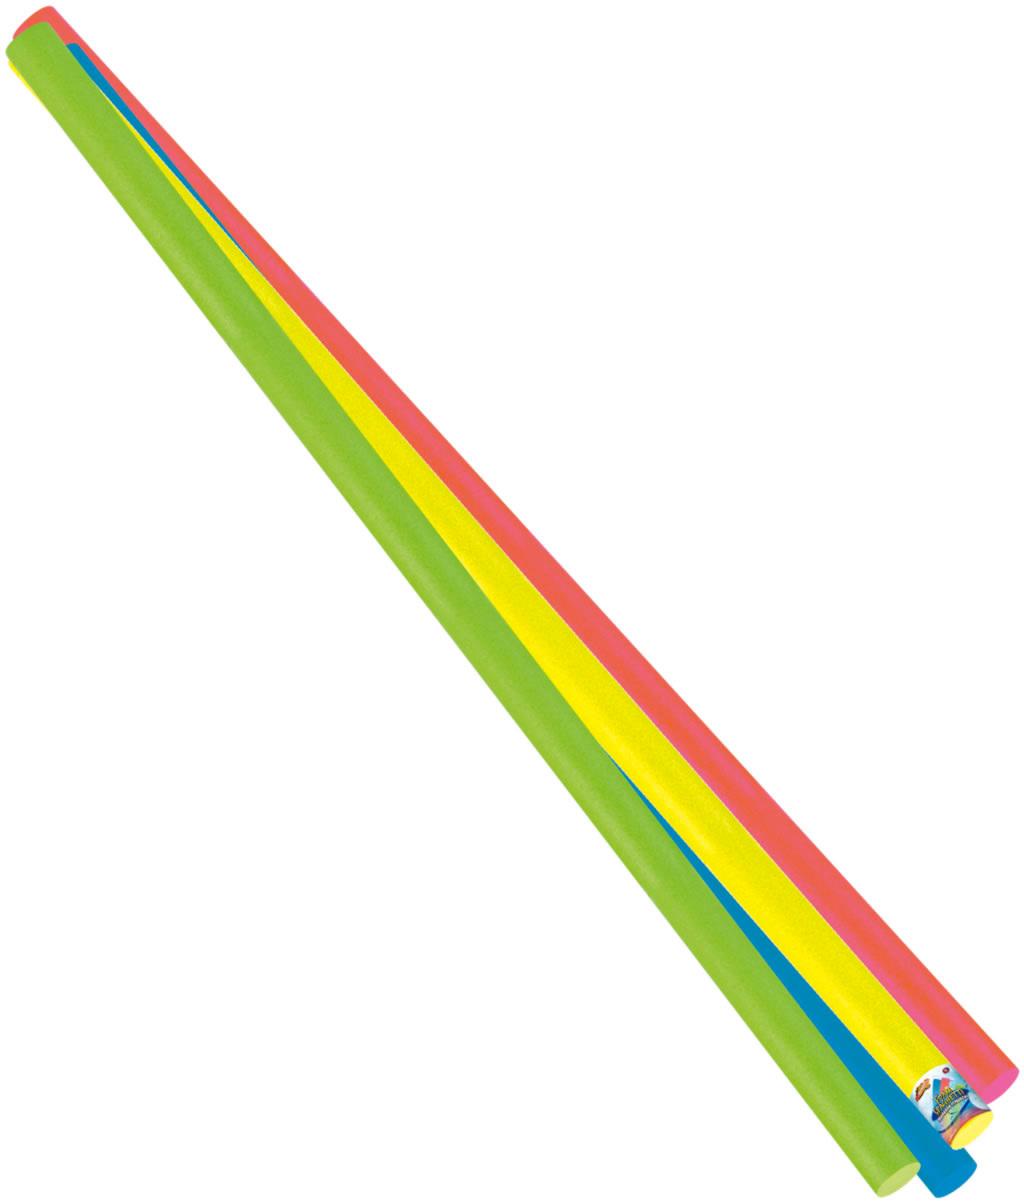 Trubice pěnová tyč ohebná 150cm různé barvy nudle do vody